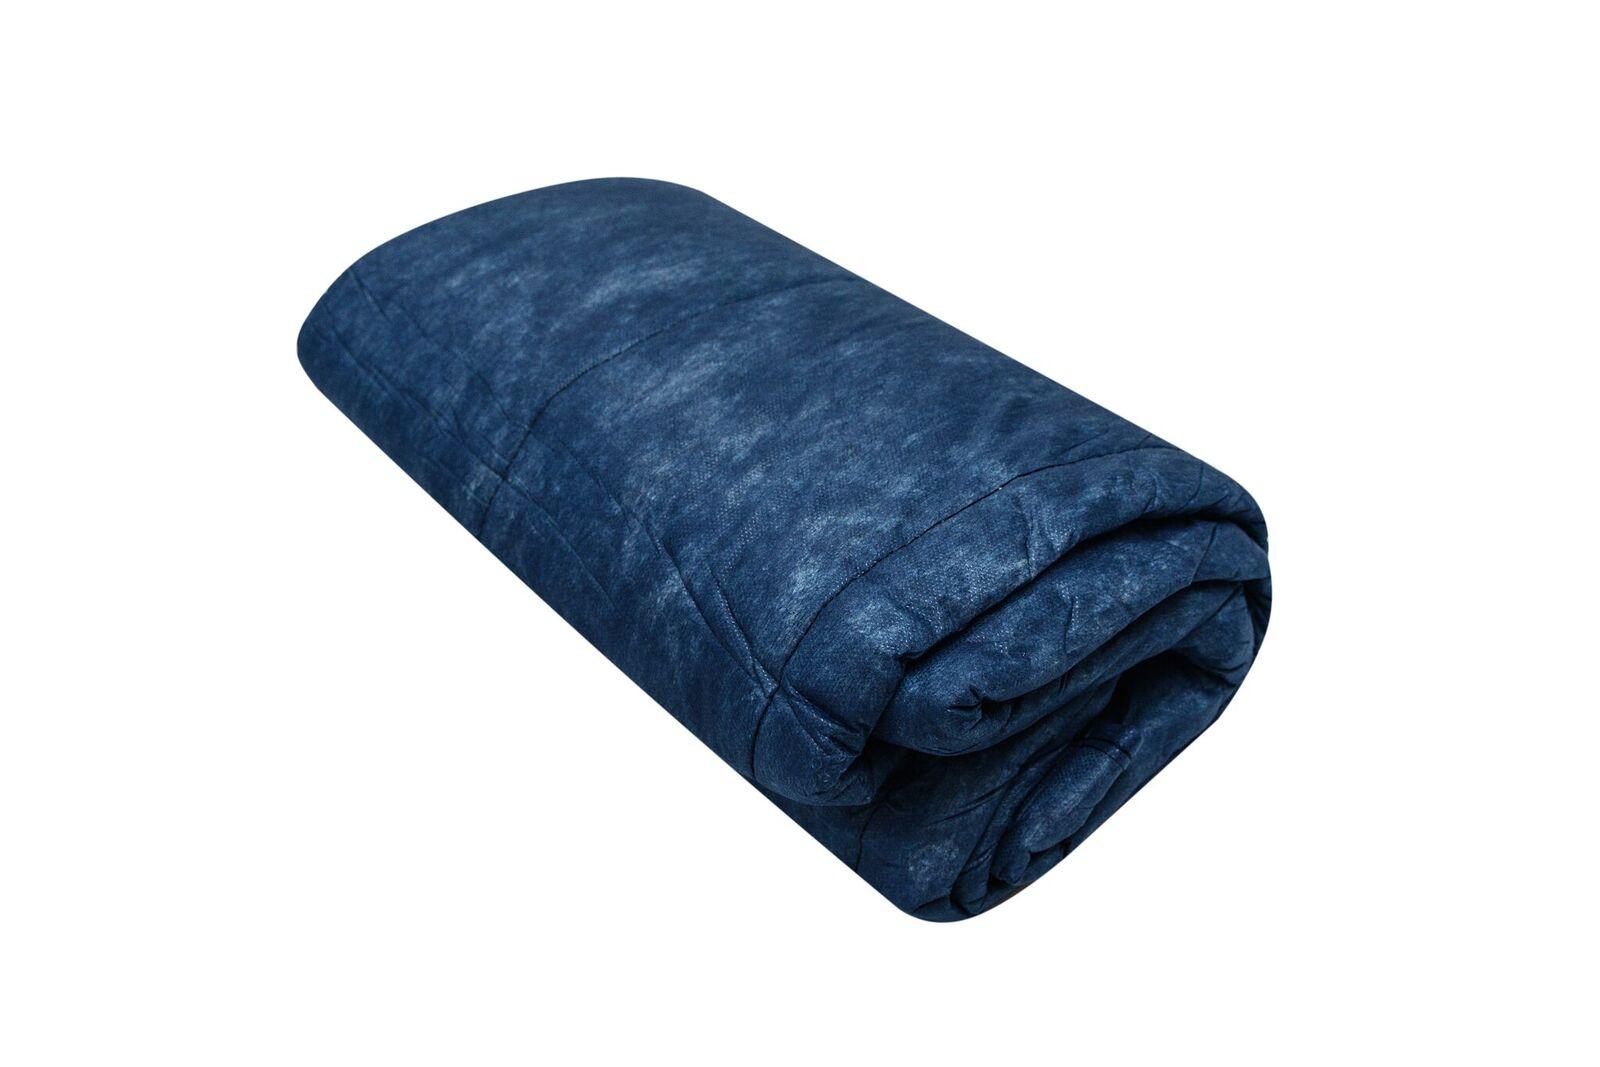 Einmaldecke, blau, 190 x 110 cm, 300 g